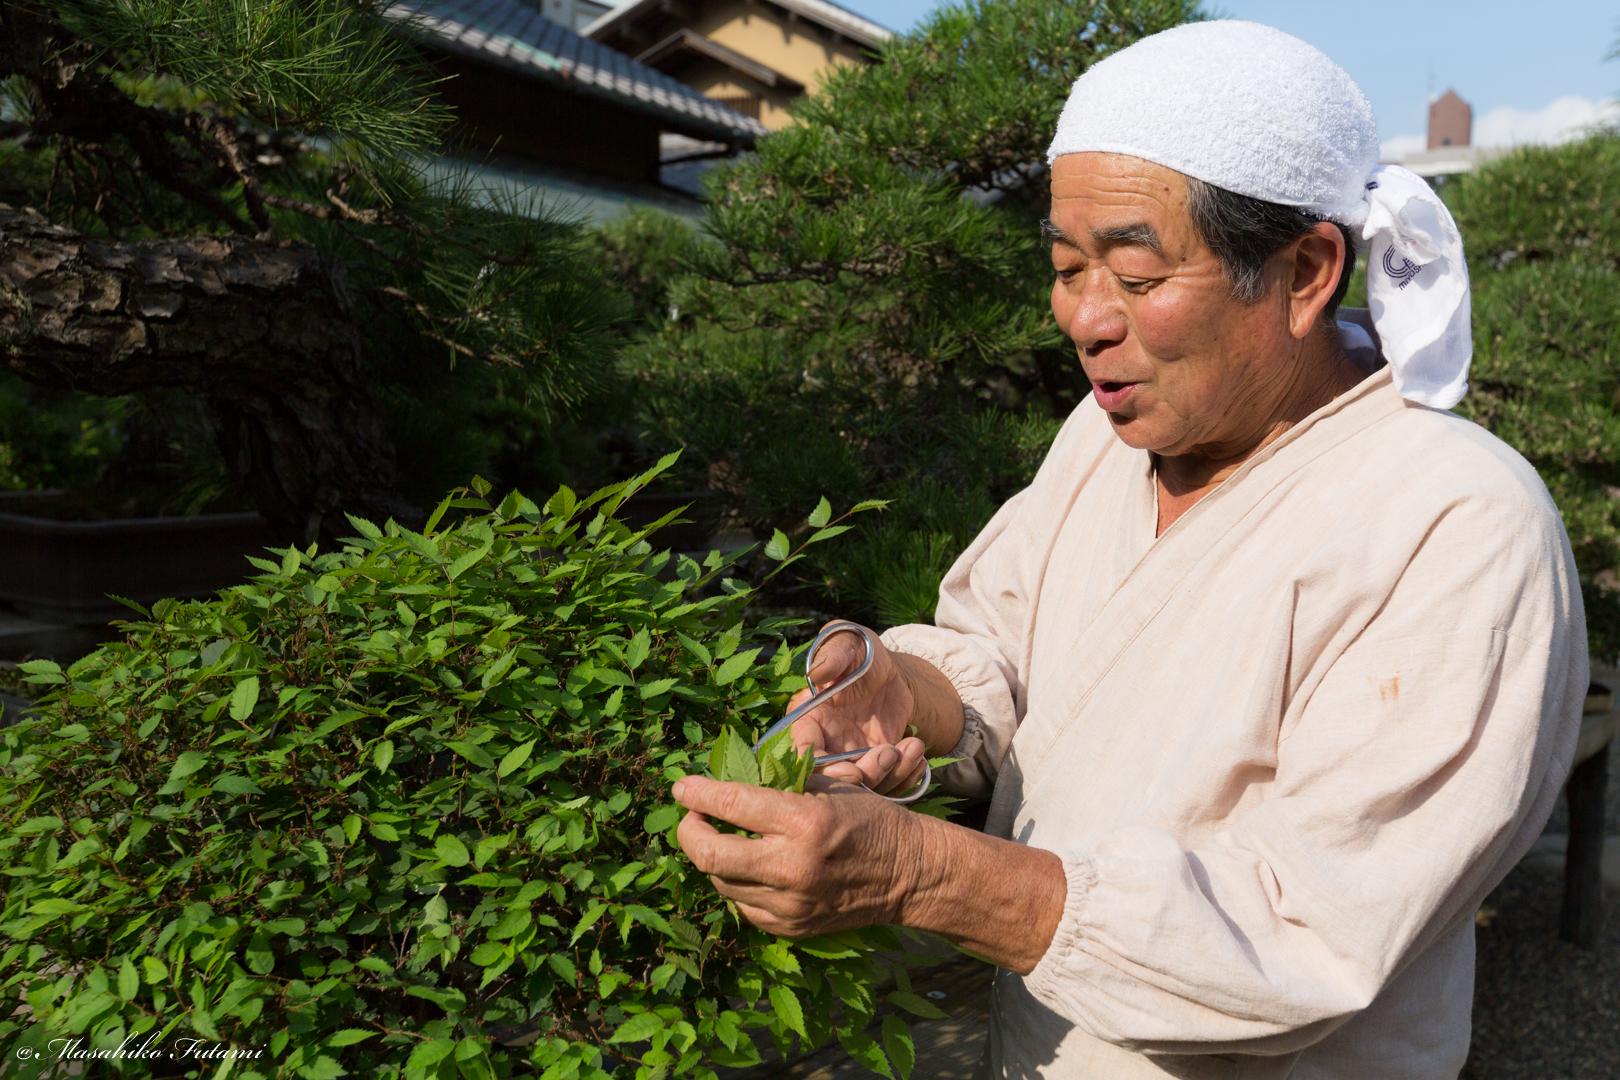 Mr. Kunio Kobayashi